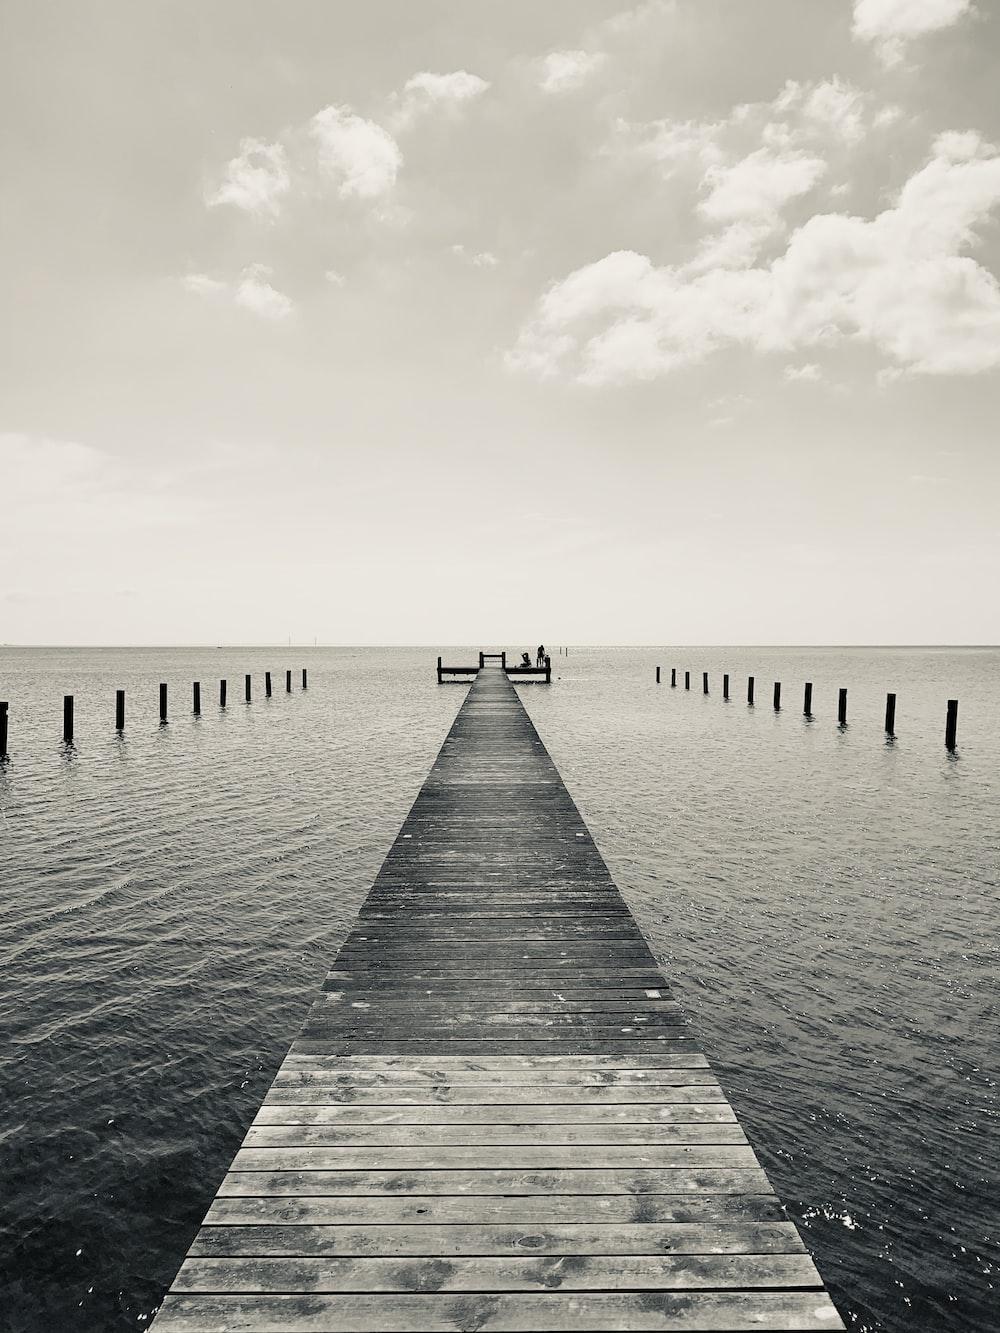 greyscale photography of dock